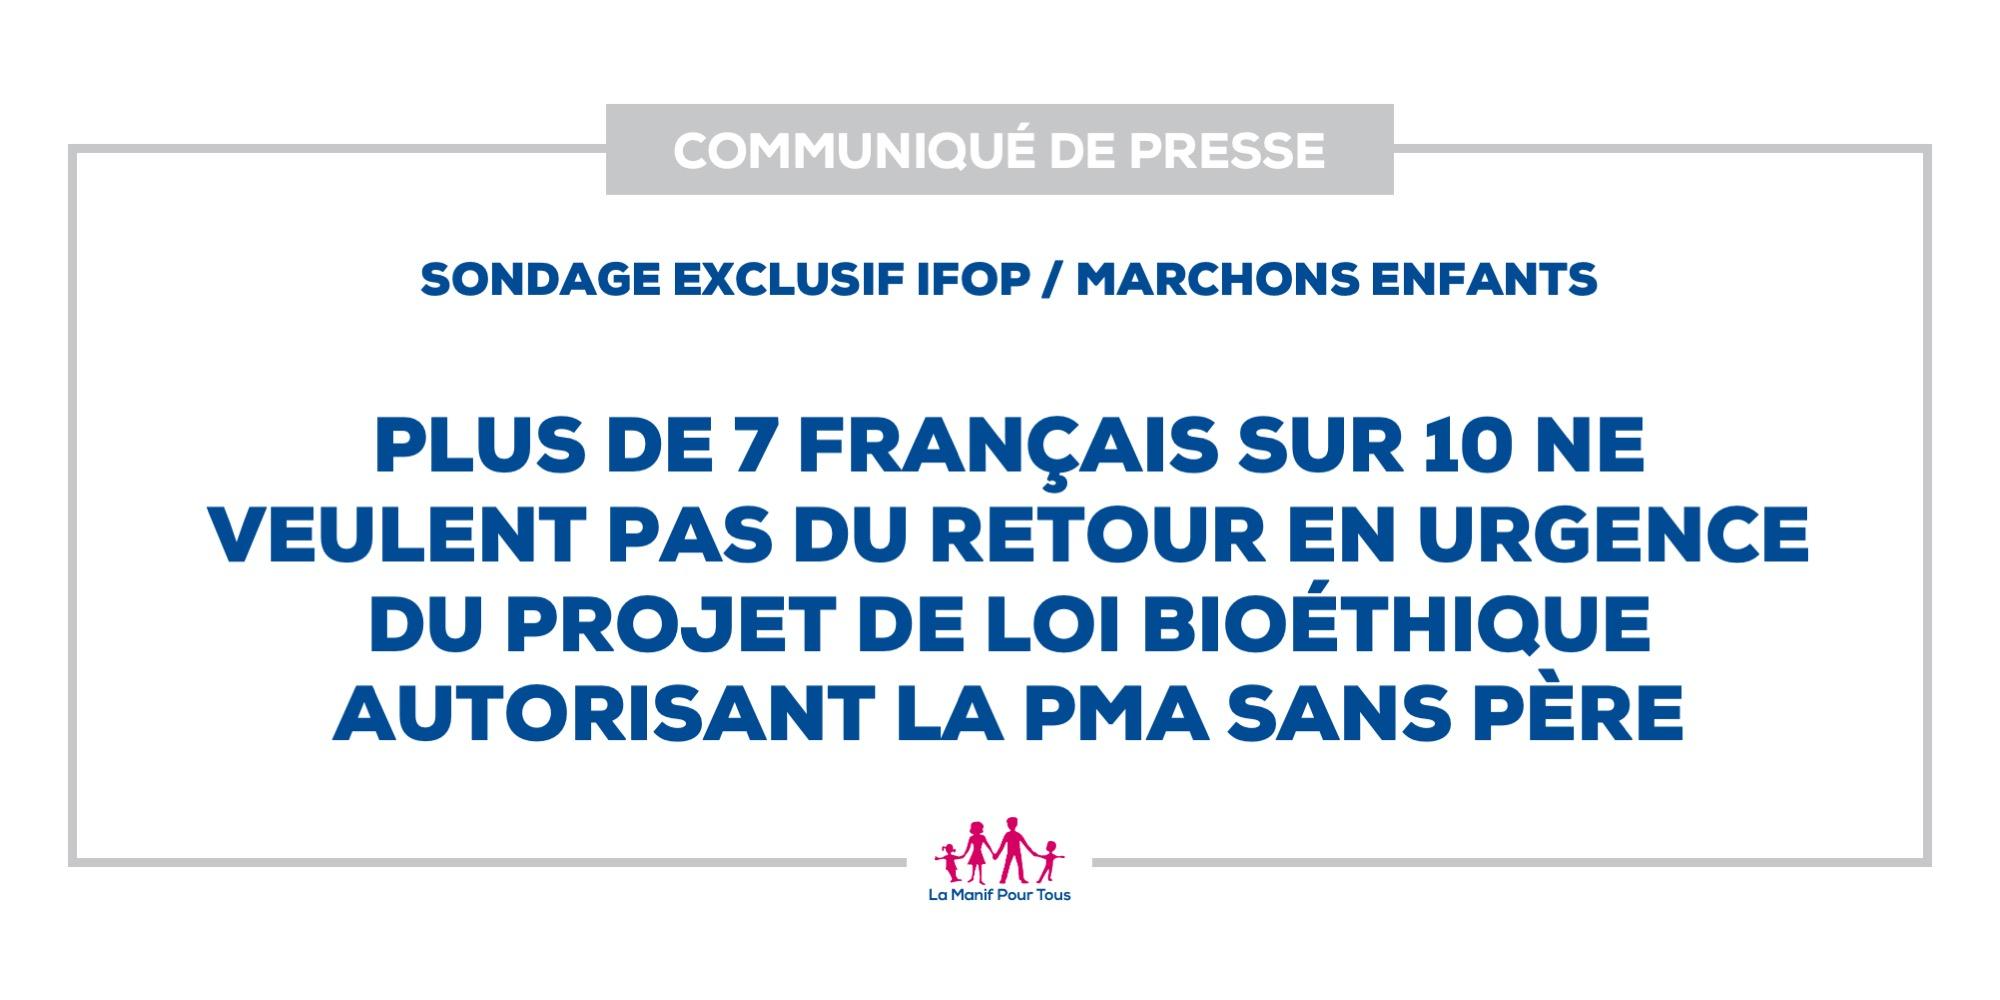 Image - Sondage exclusif IFOP / Marchons Enfants : Plus de 7 Français sur 10 ne veulent pas du retour en urgence du projet de loi bioéthique autorisant la PMA sans père